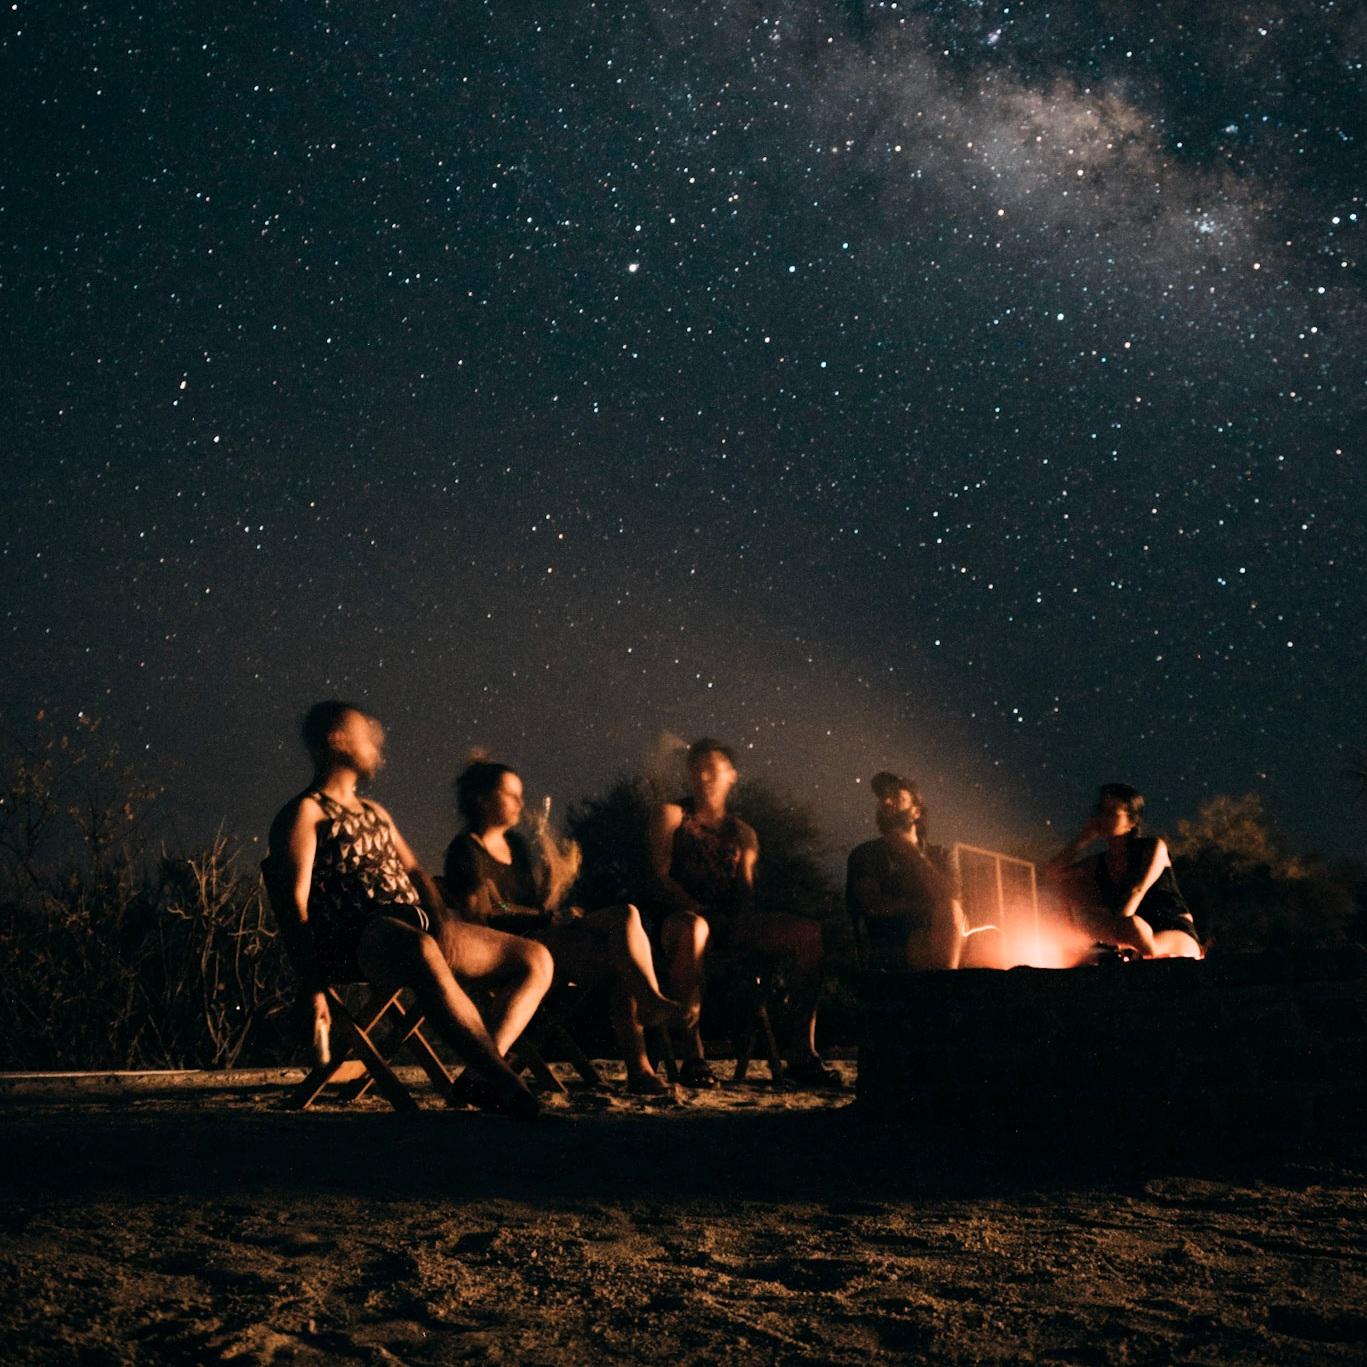 Chivato-Night-Sky.jpg